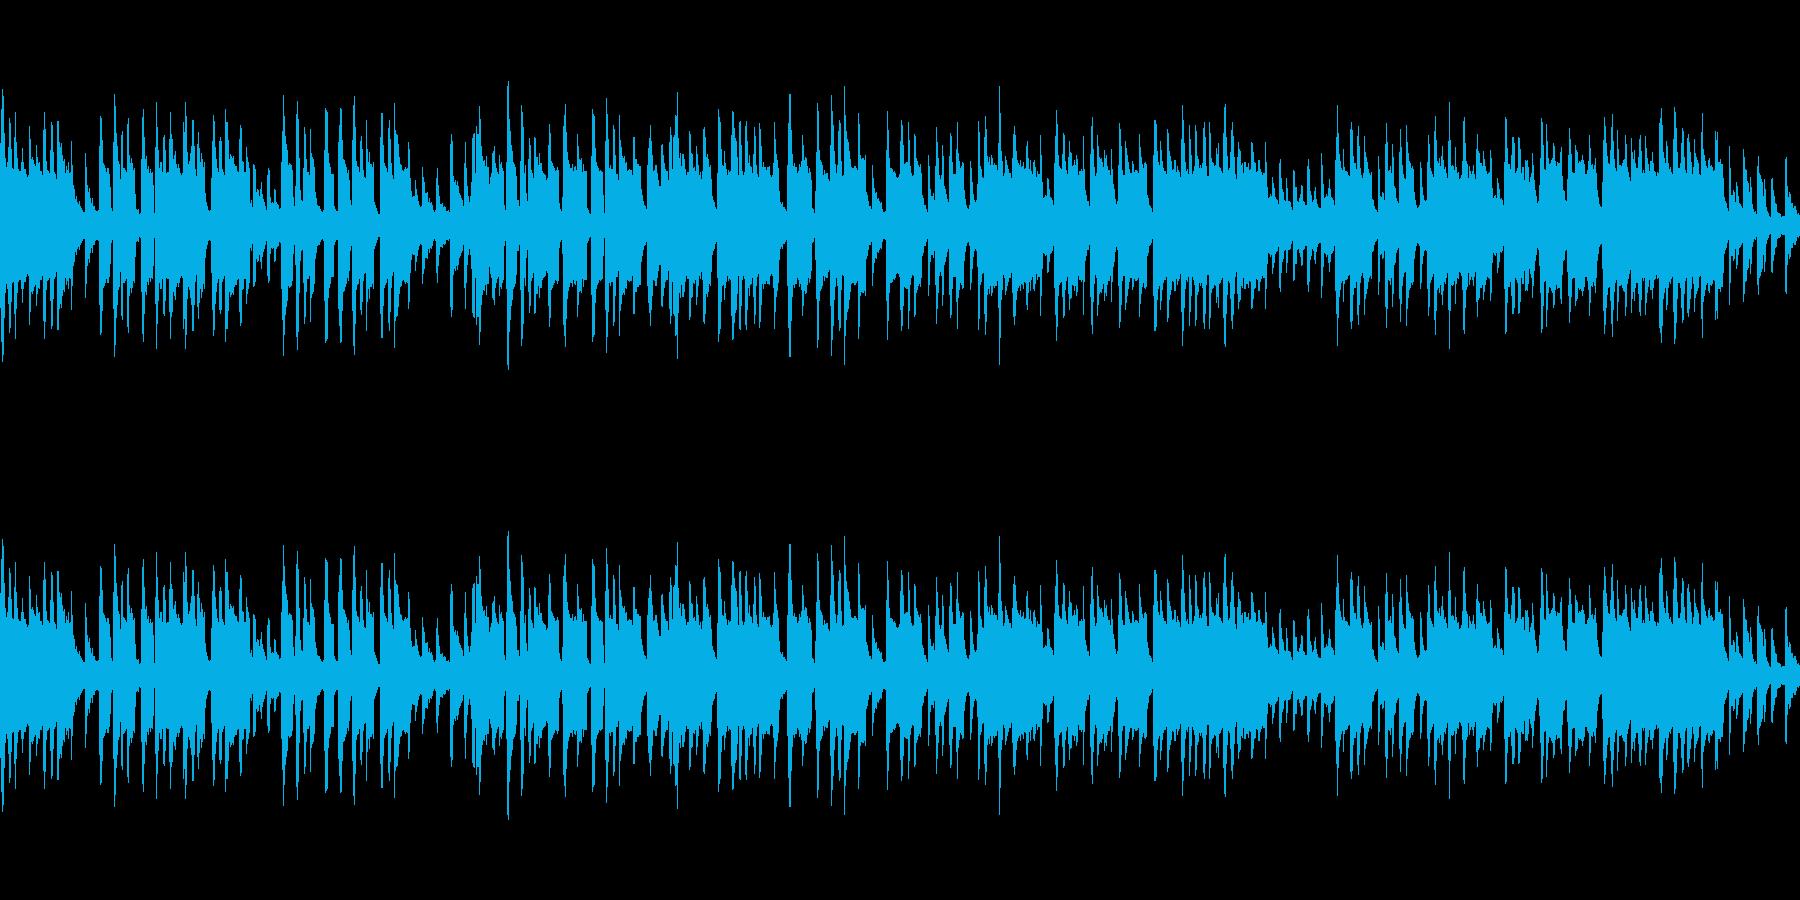 尺八がメインの和風曲の再生済みの波形